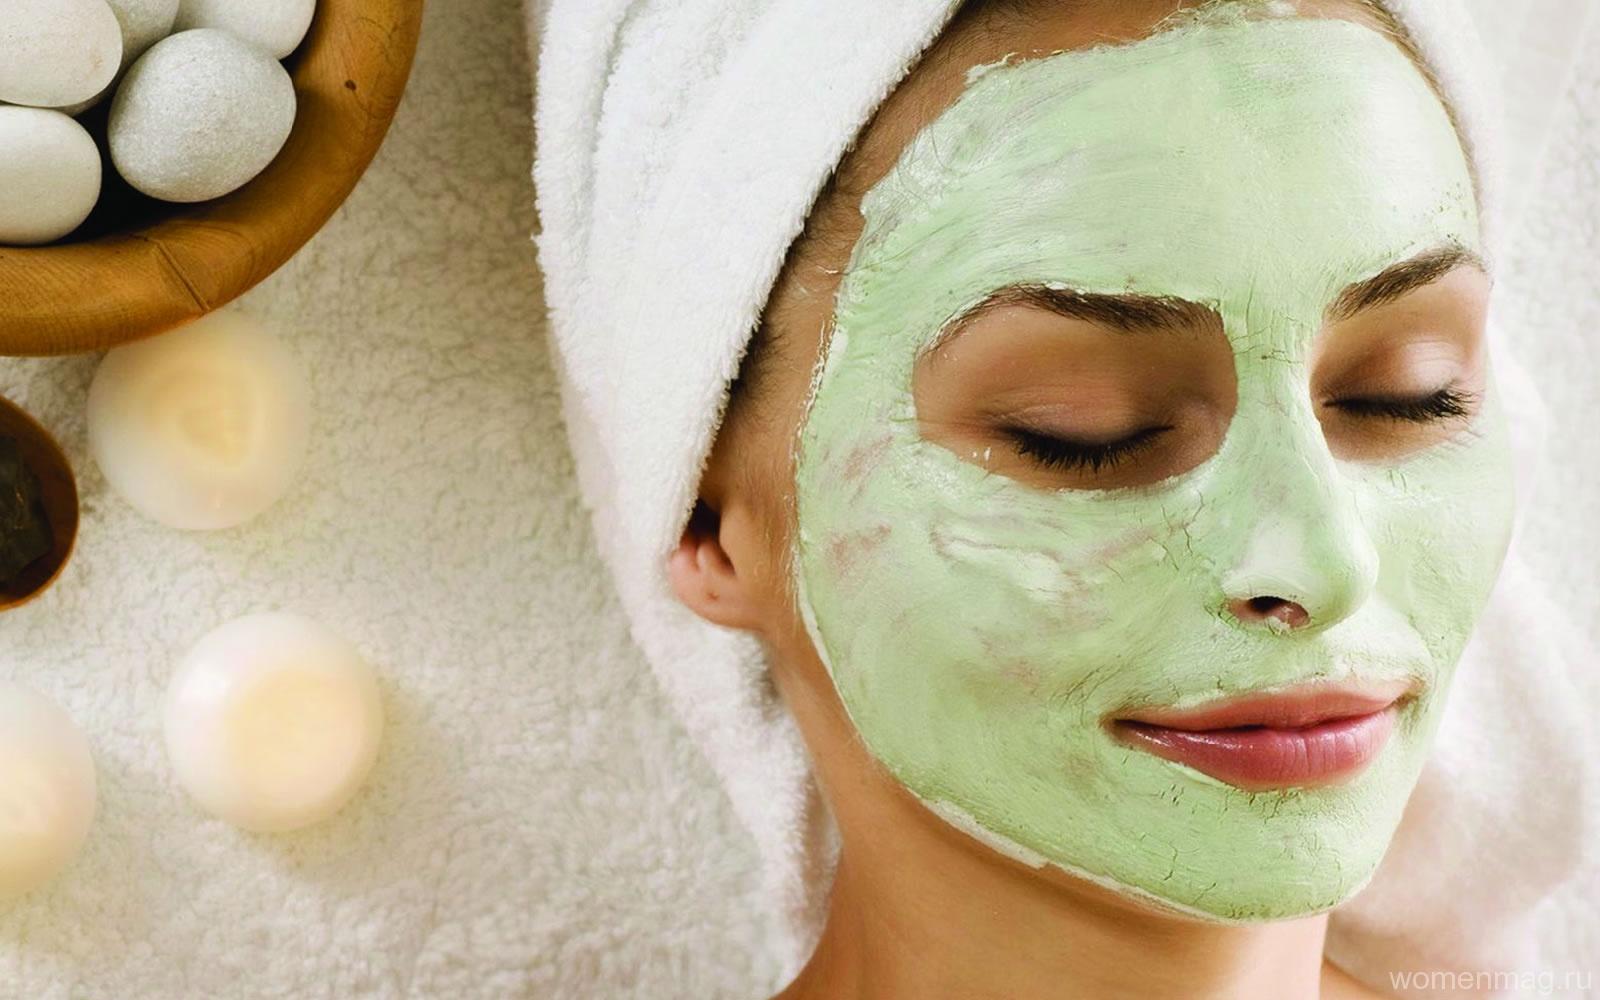 Как избавиться от белых прыщей на лице: маски, кремы, советы специалистов 53